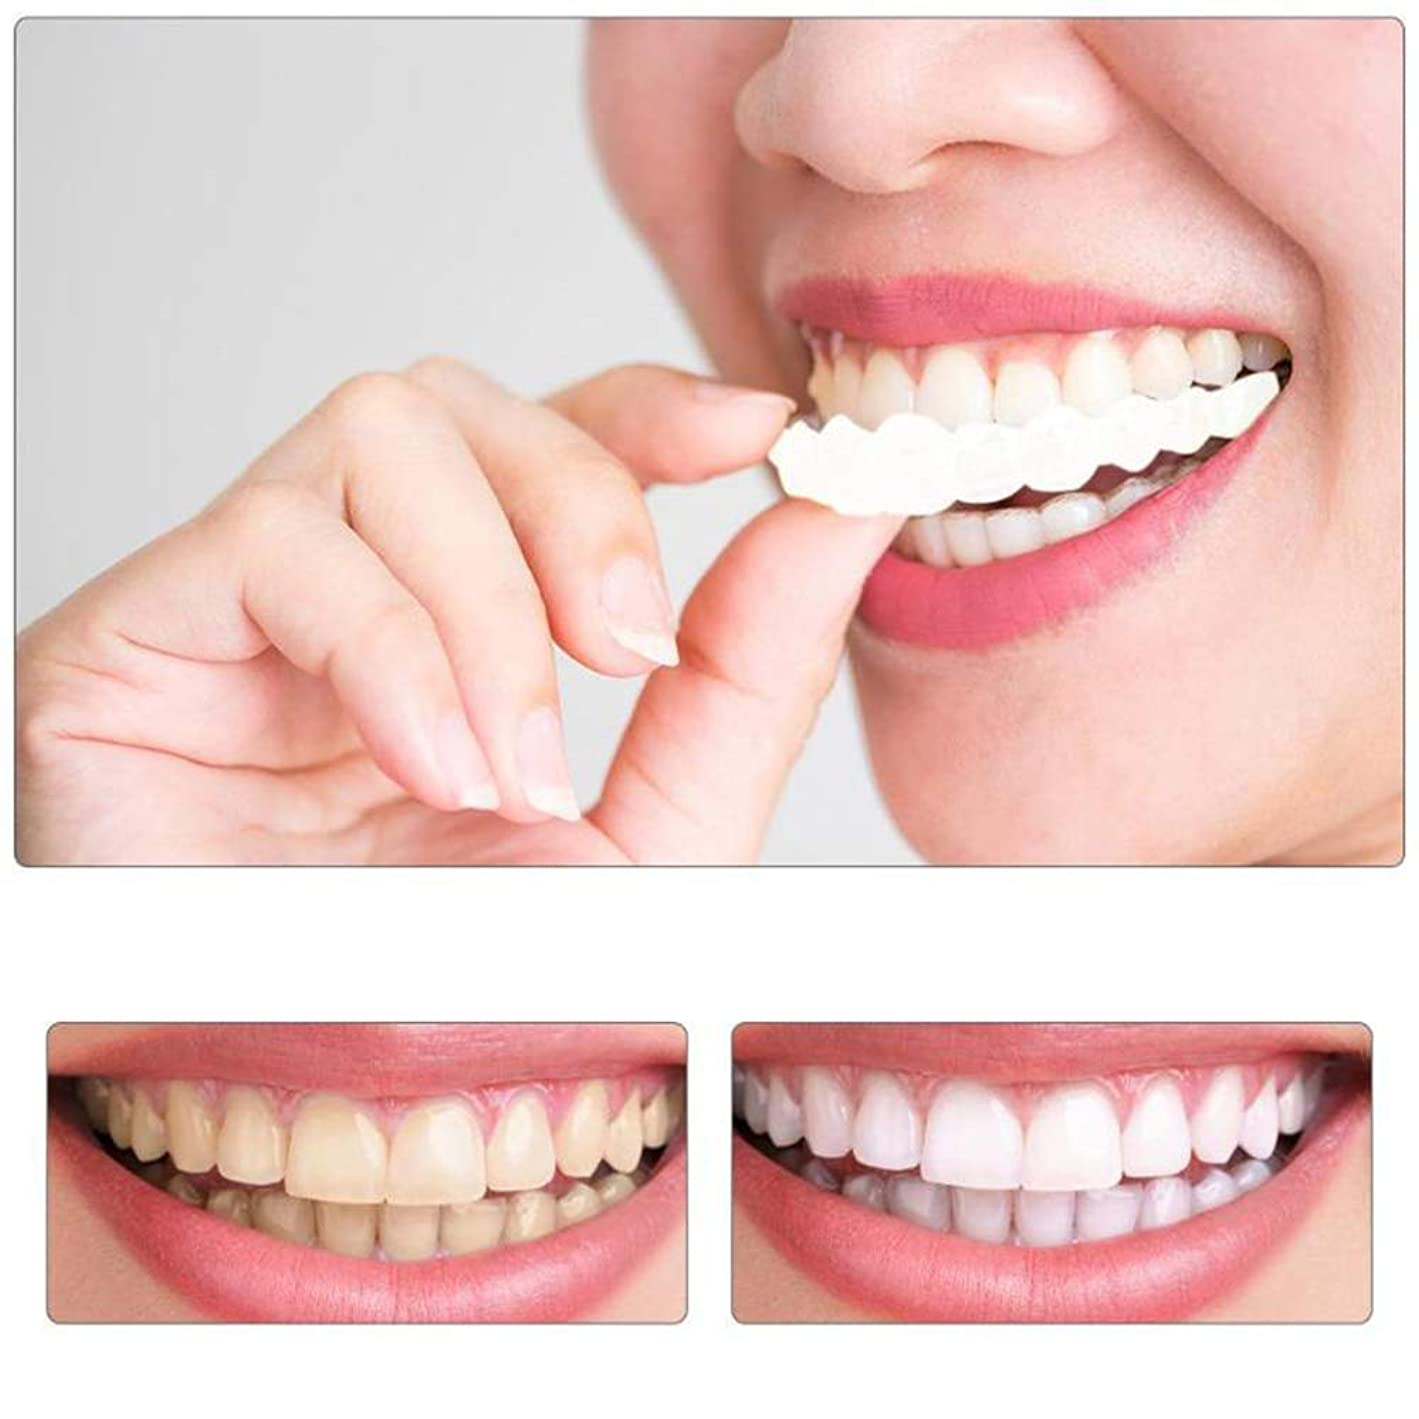 のトラブル百科事典1ペア偽歯上部偽偽歯カバースナップオン即時歯化粧品義歯ケアオーラルケアプラスチックホワイトニング義歯